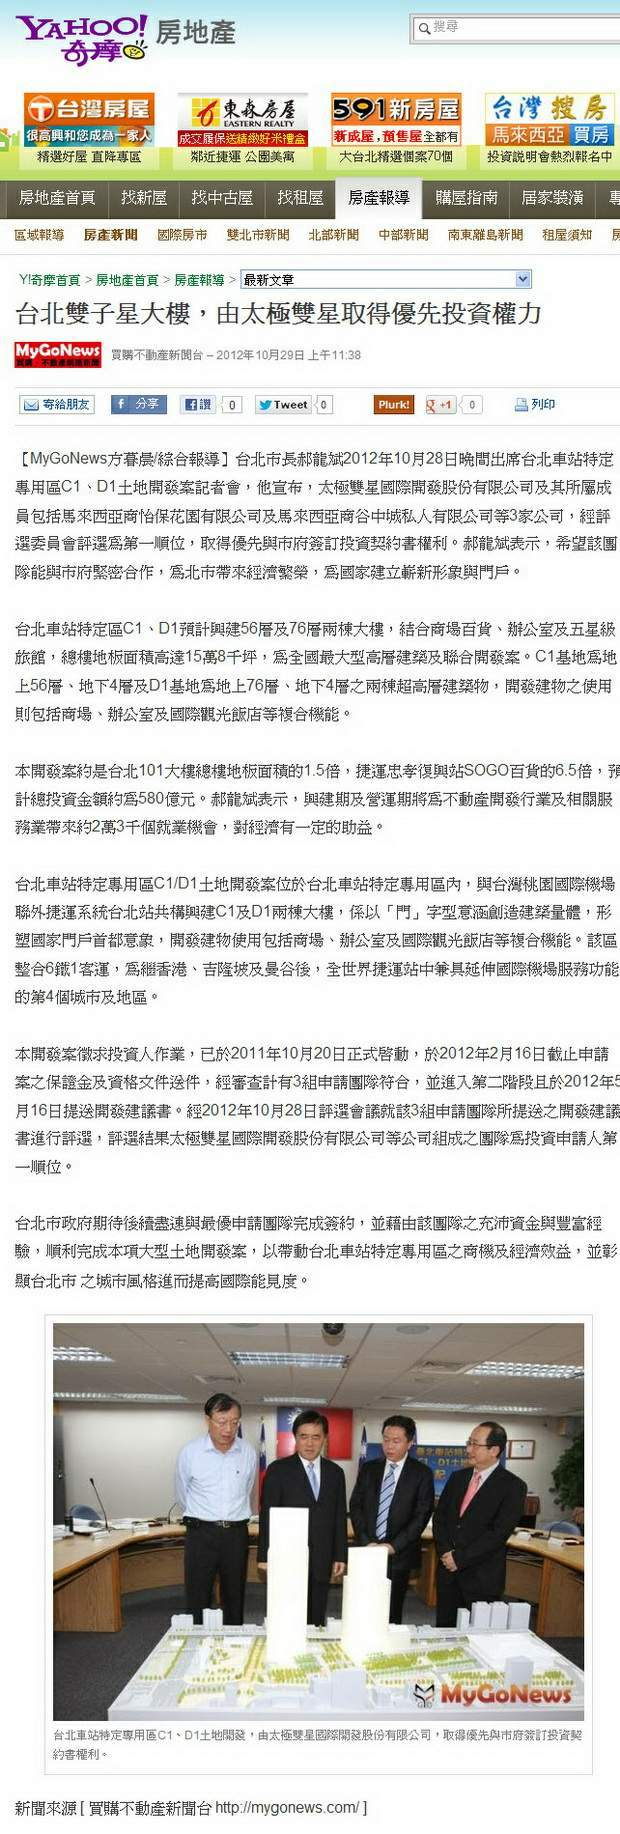 台北雙子星大樓,由太極雙星取得優先投資權力-2012.10.29